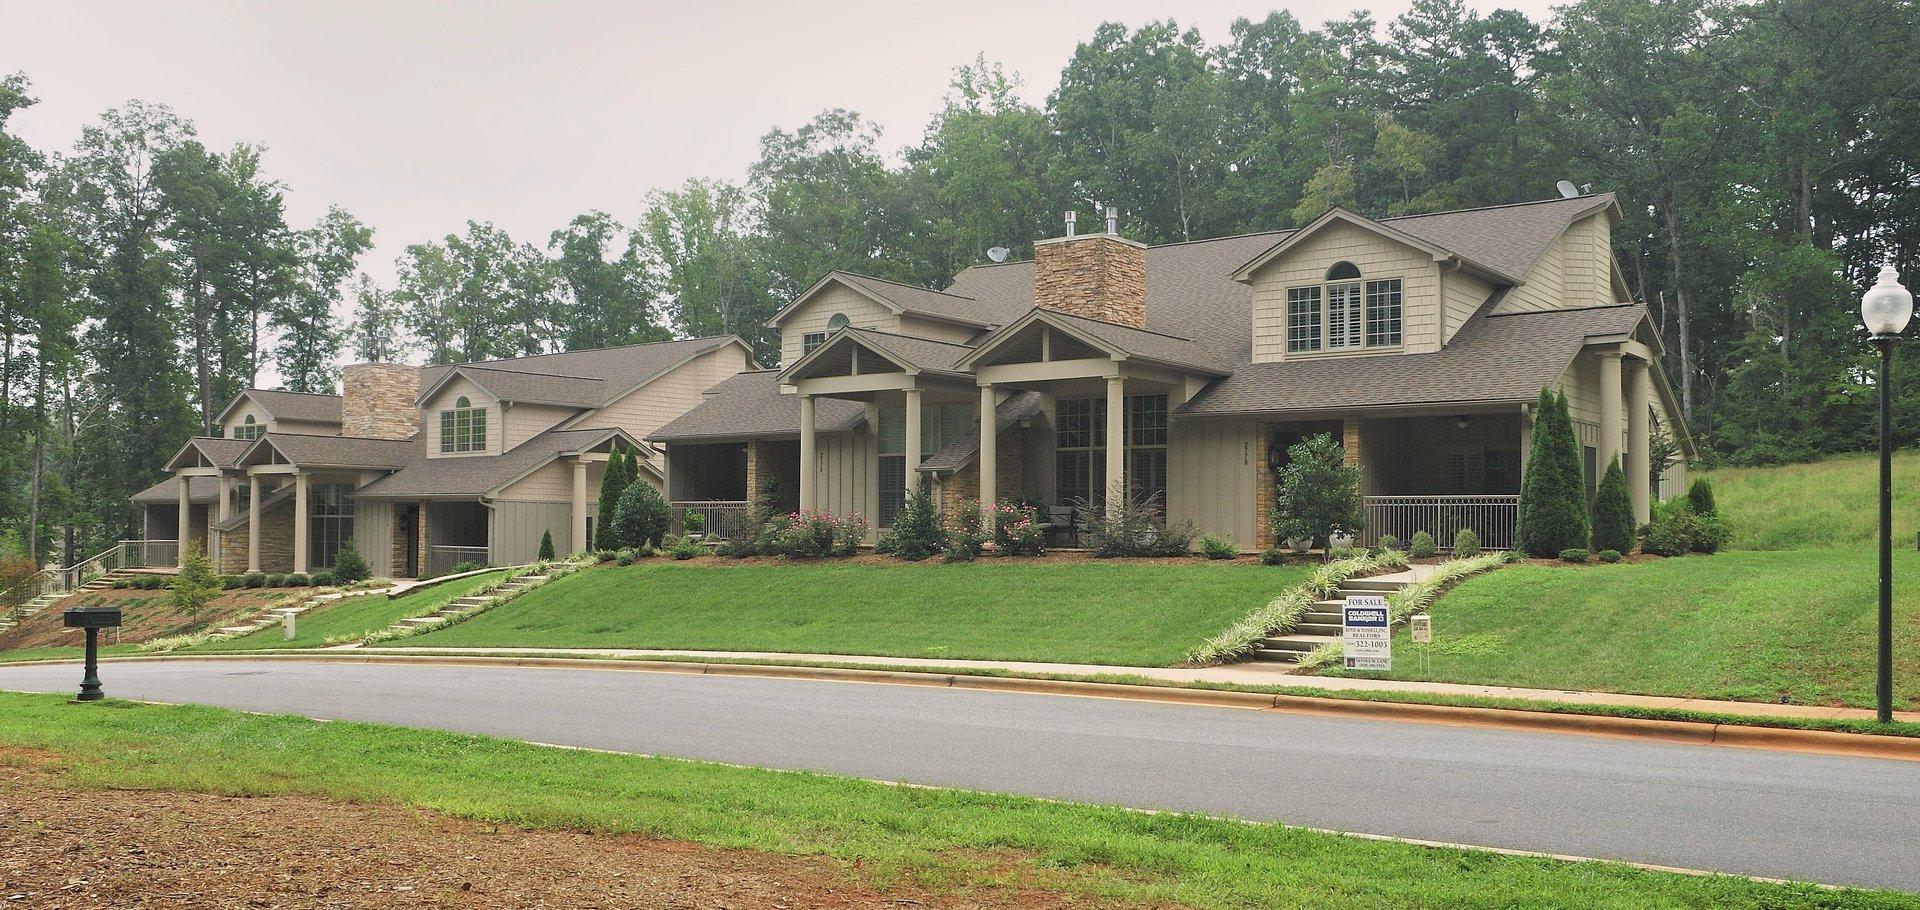 Rock Barn Townhomes Oakmont #1 High Res.jpg